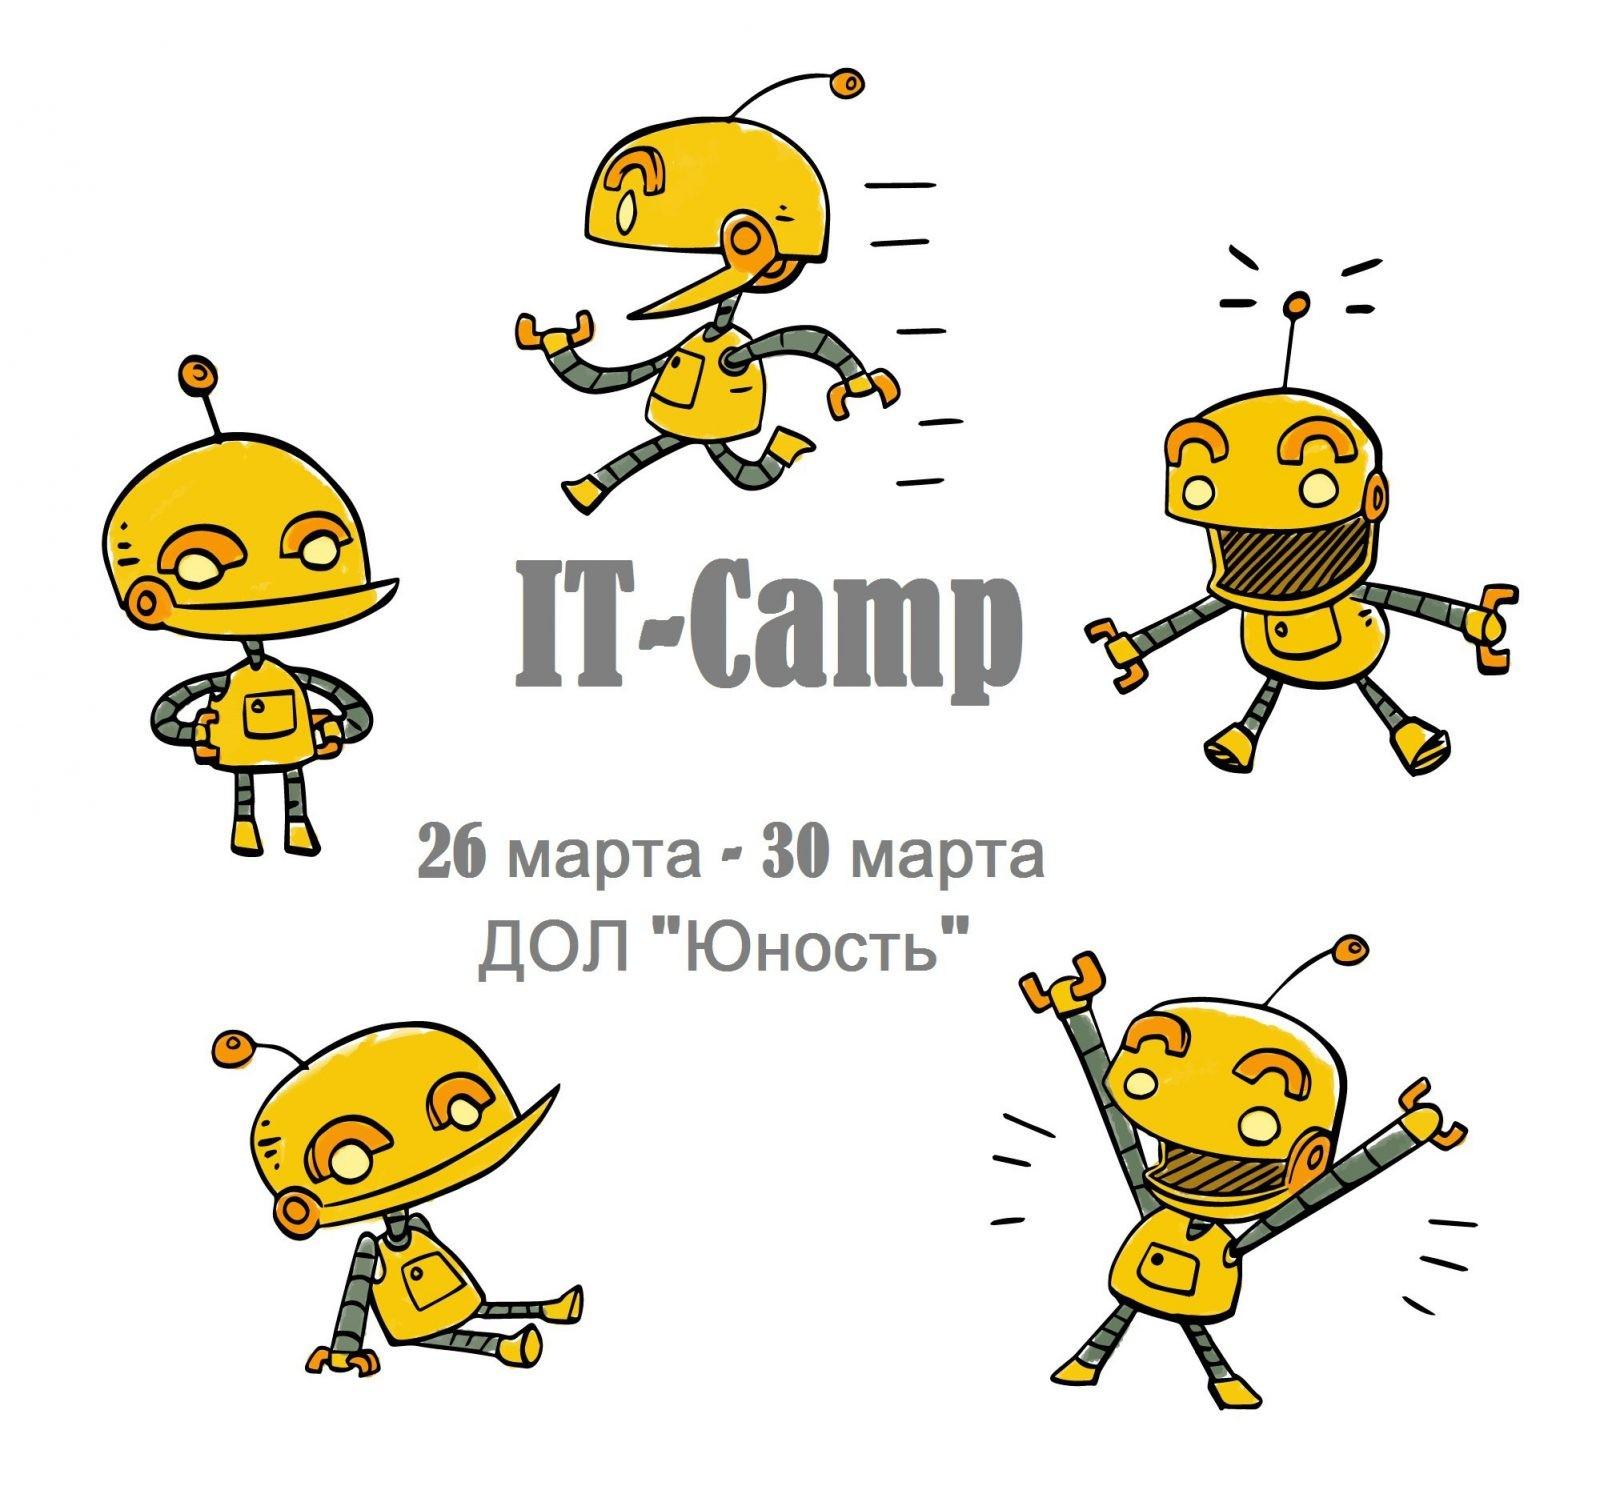 В Белгороде организуют IT-лагерь для школьников